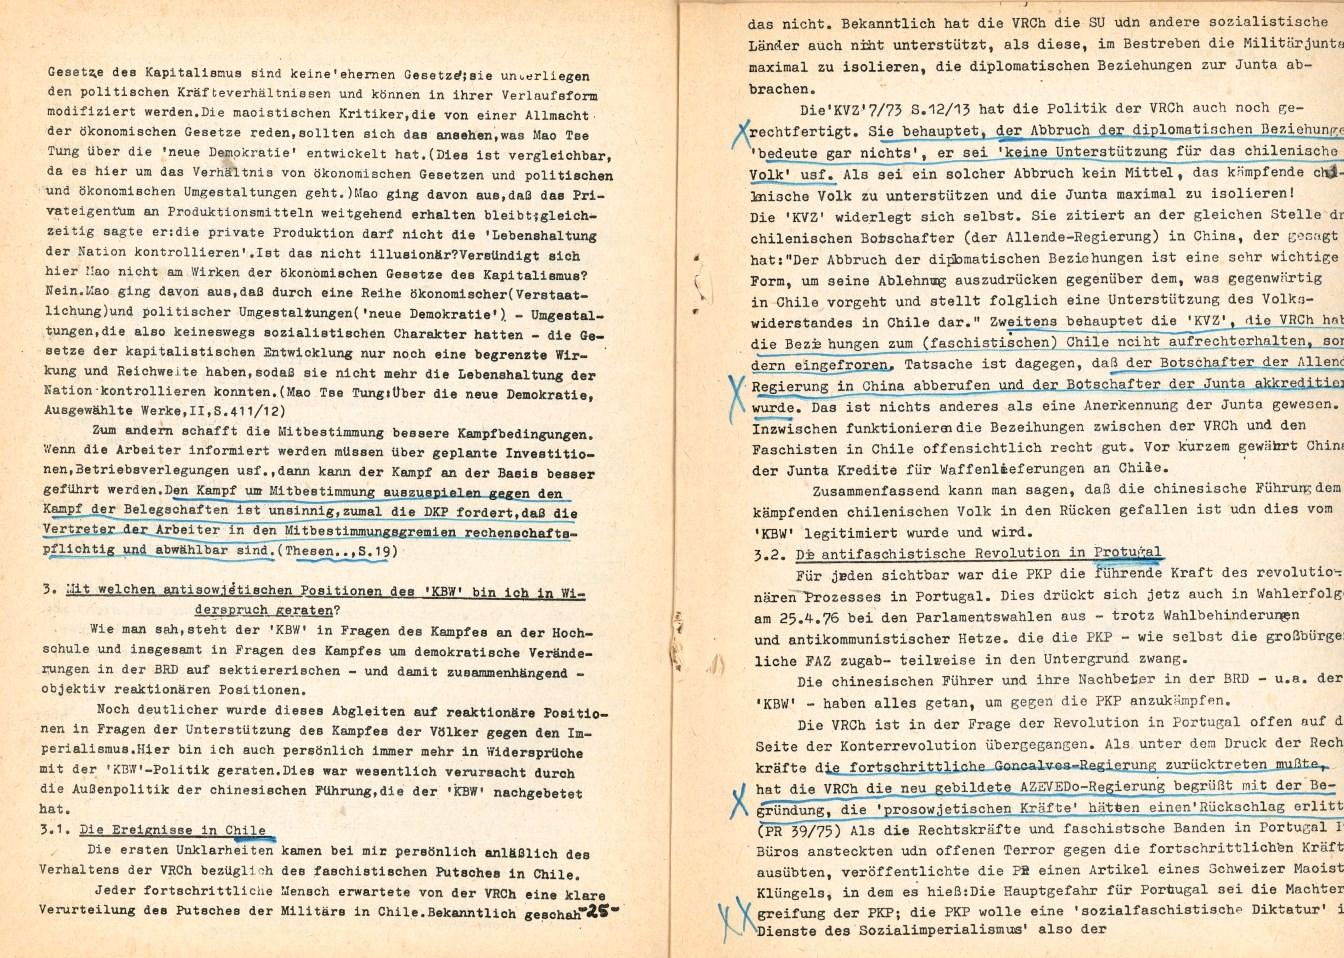 Giessen_MSB_1976_Der_KBW_eine_rechte_Organisation_15